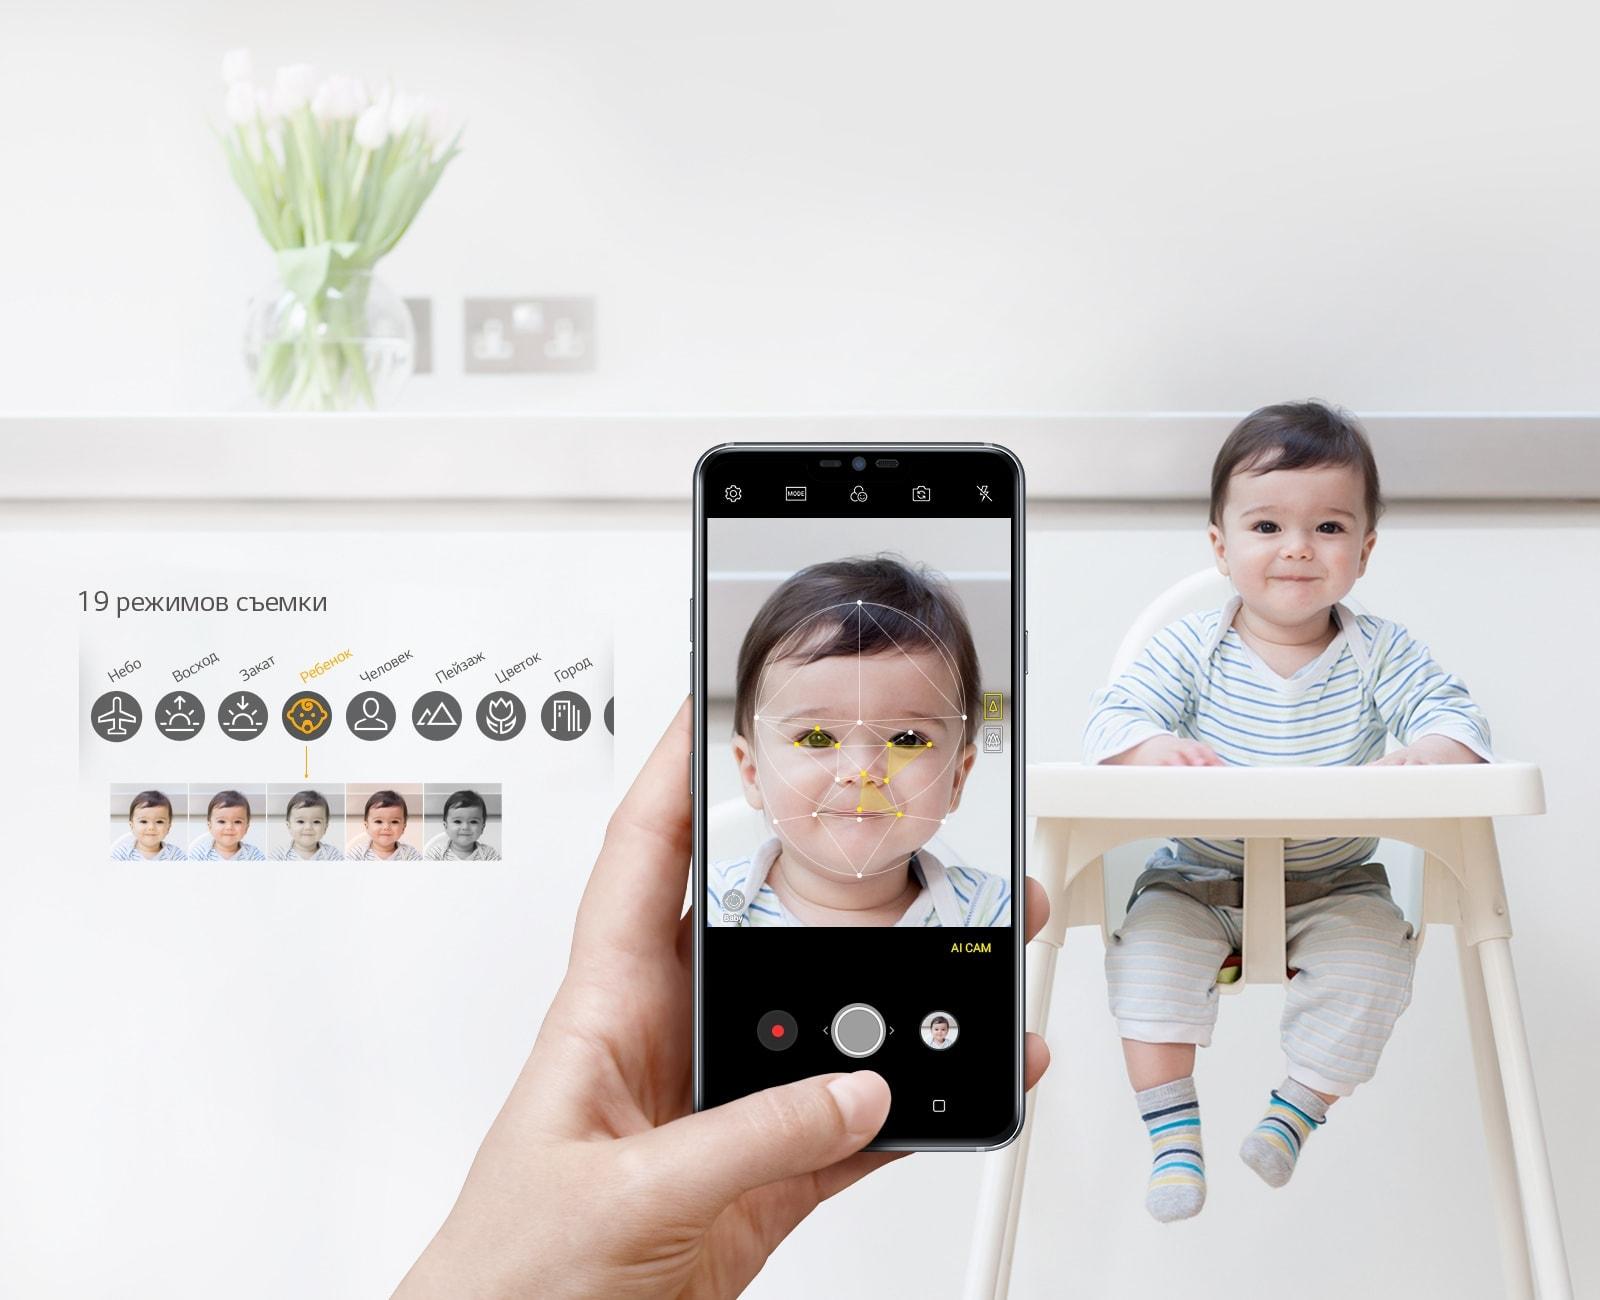 LG G7 ThinQ - интеллектуальная камера